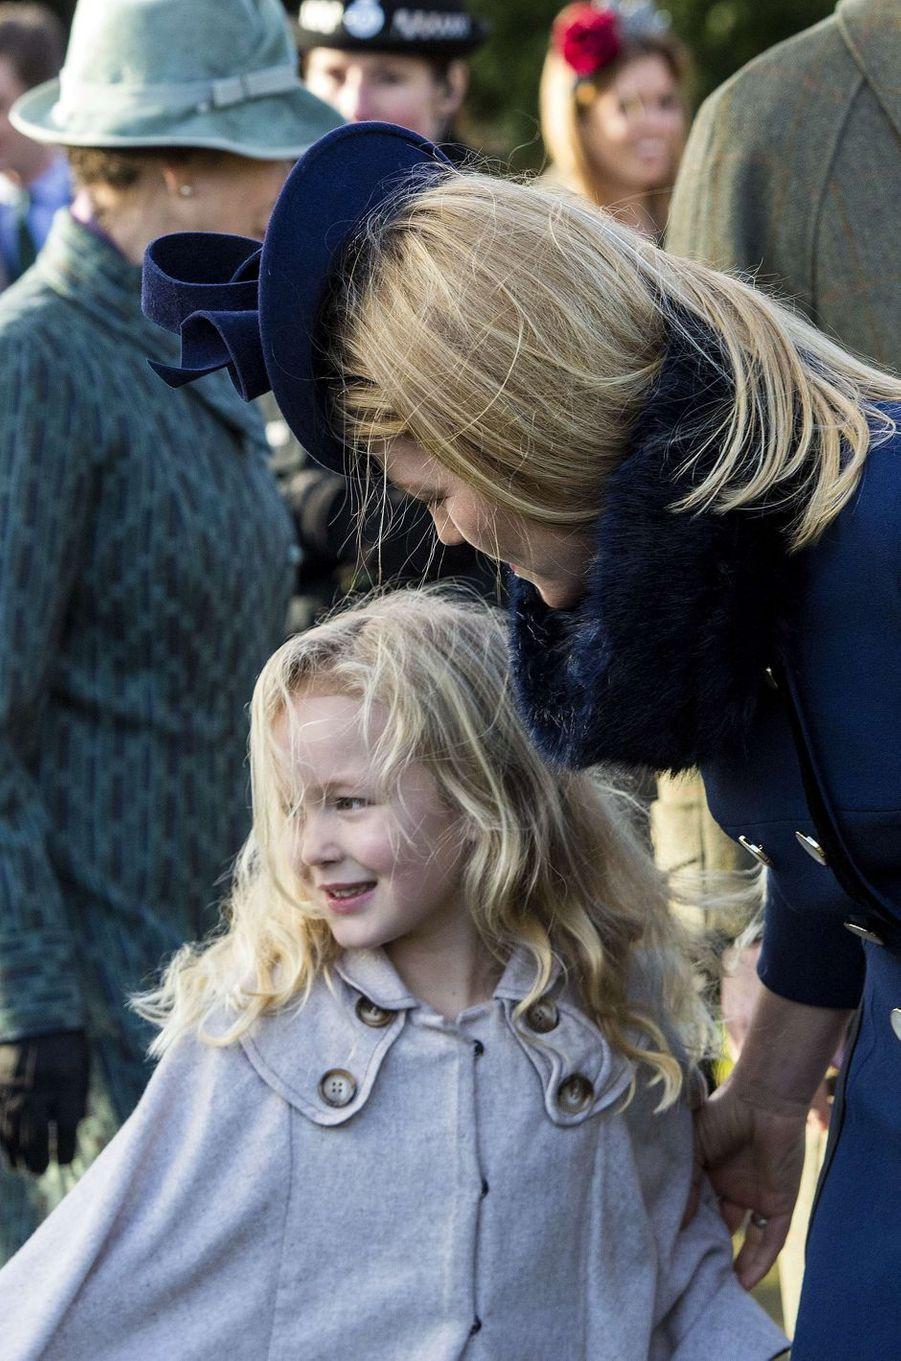 Autumn Philips et sa fille Savannah à Sandringham, le 25 décembre 2016